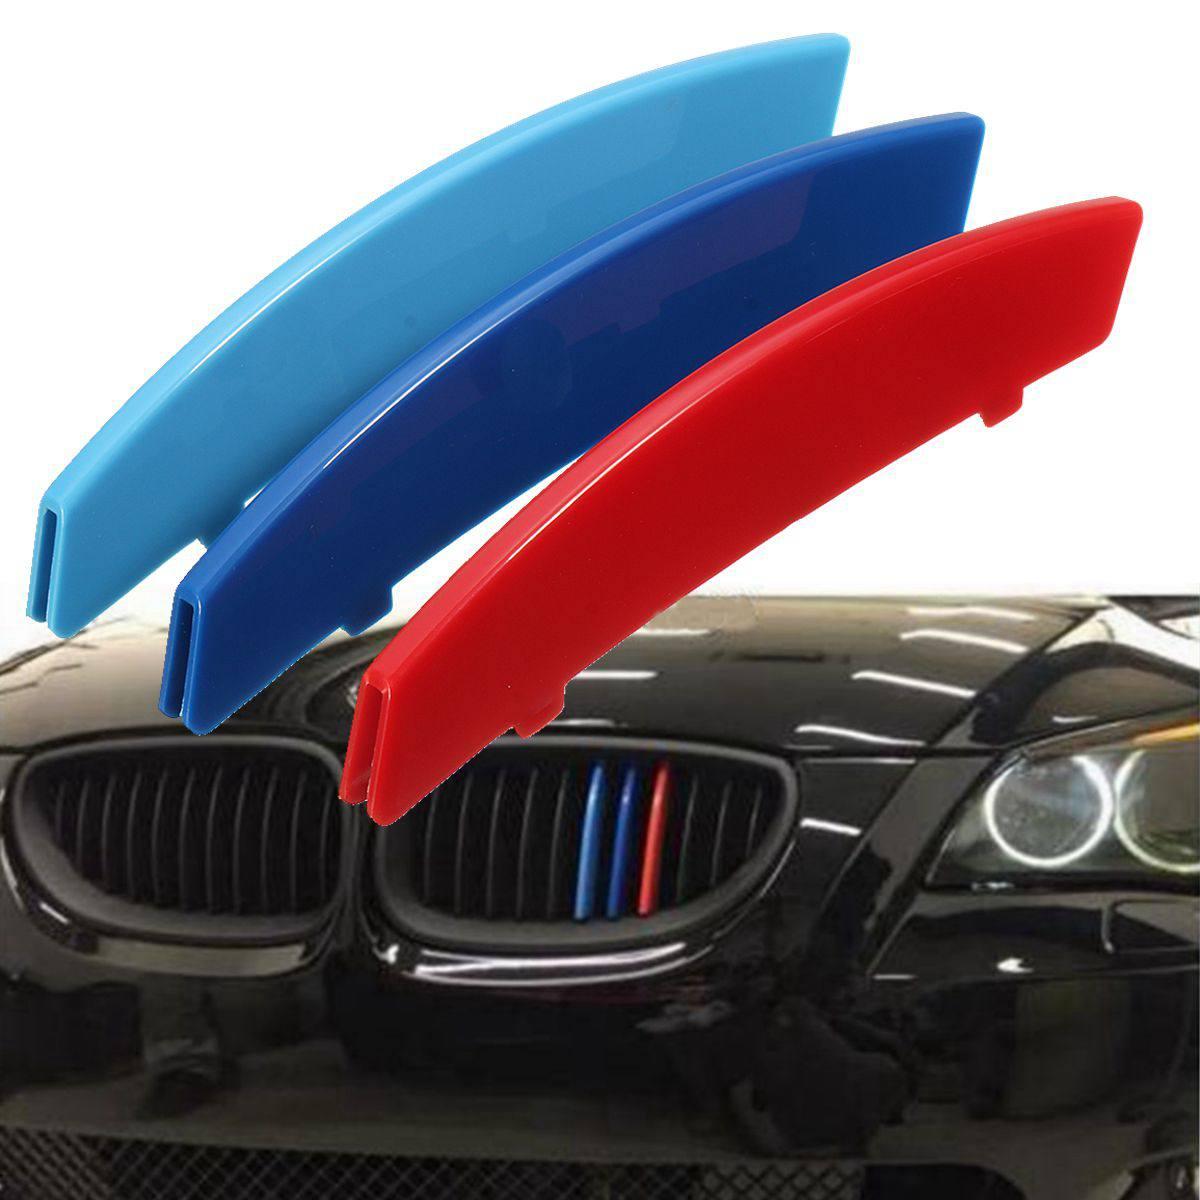 3 Pcs 3D Auto da Corsa Griglia di Sport Della Banda Clip Abs Decal Sticker per Bmw 3 Serie F30 F31 F35 E90 5 Serie F10 F18 E60 X5 X6 E70